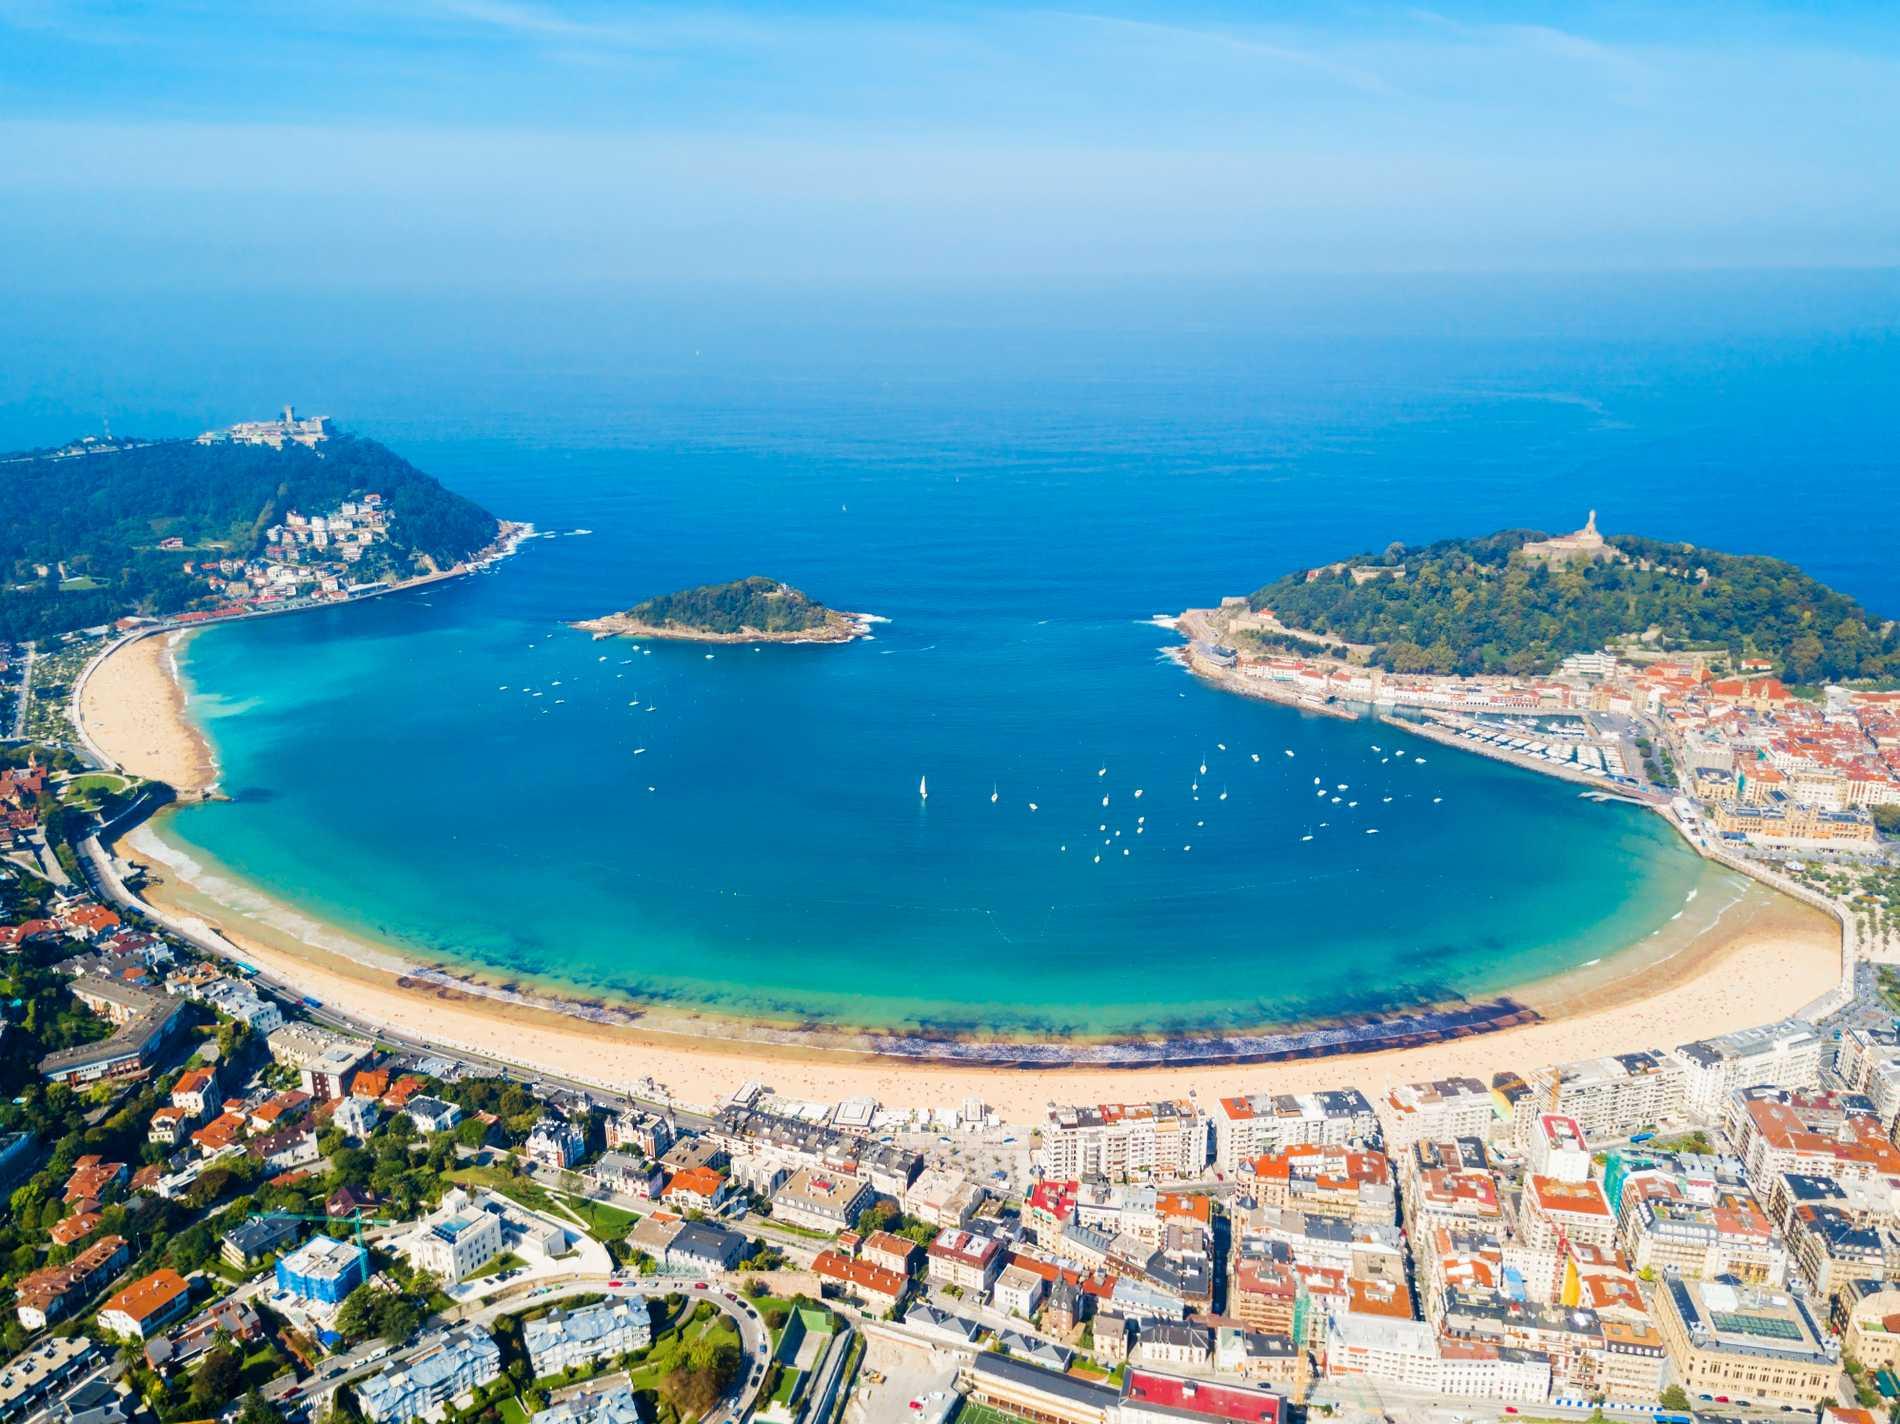 Stranden La Concha räknas som en av världens finaste.